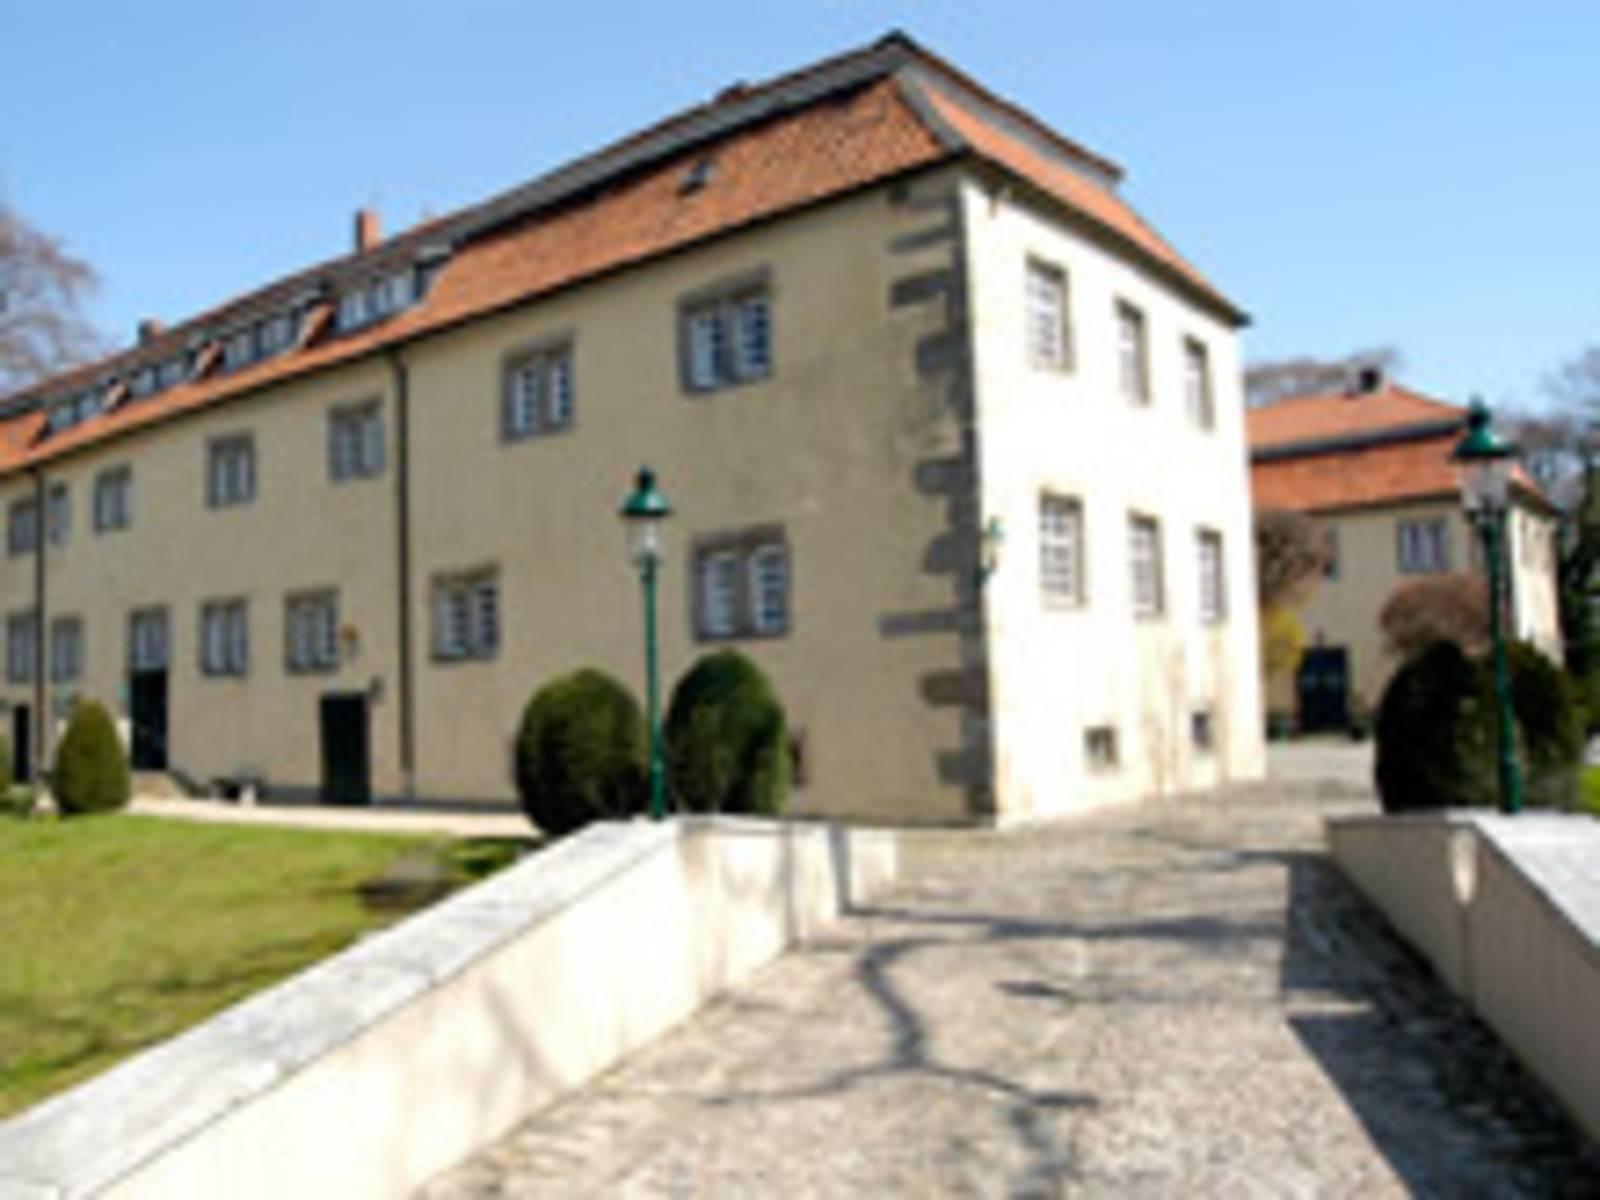 Fußweg mit Pflastersteinen der rechts und links von einer kniehohen Mauer eingefasst ist. Der Weg führt auf zwei parallel stehende Gebäude zu.